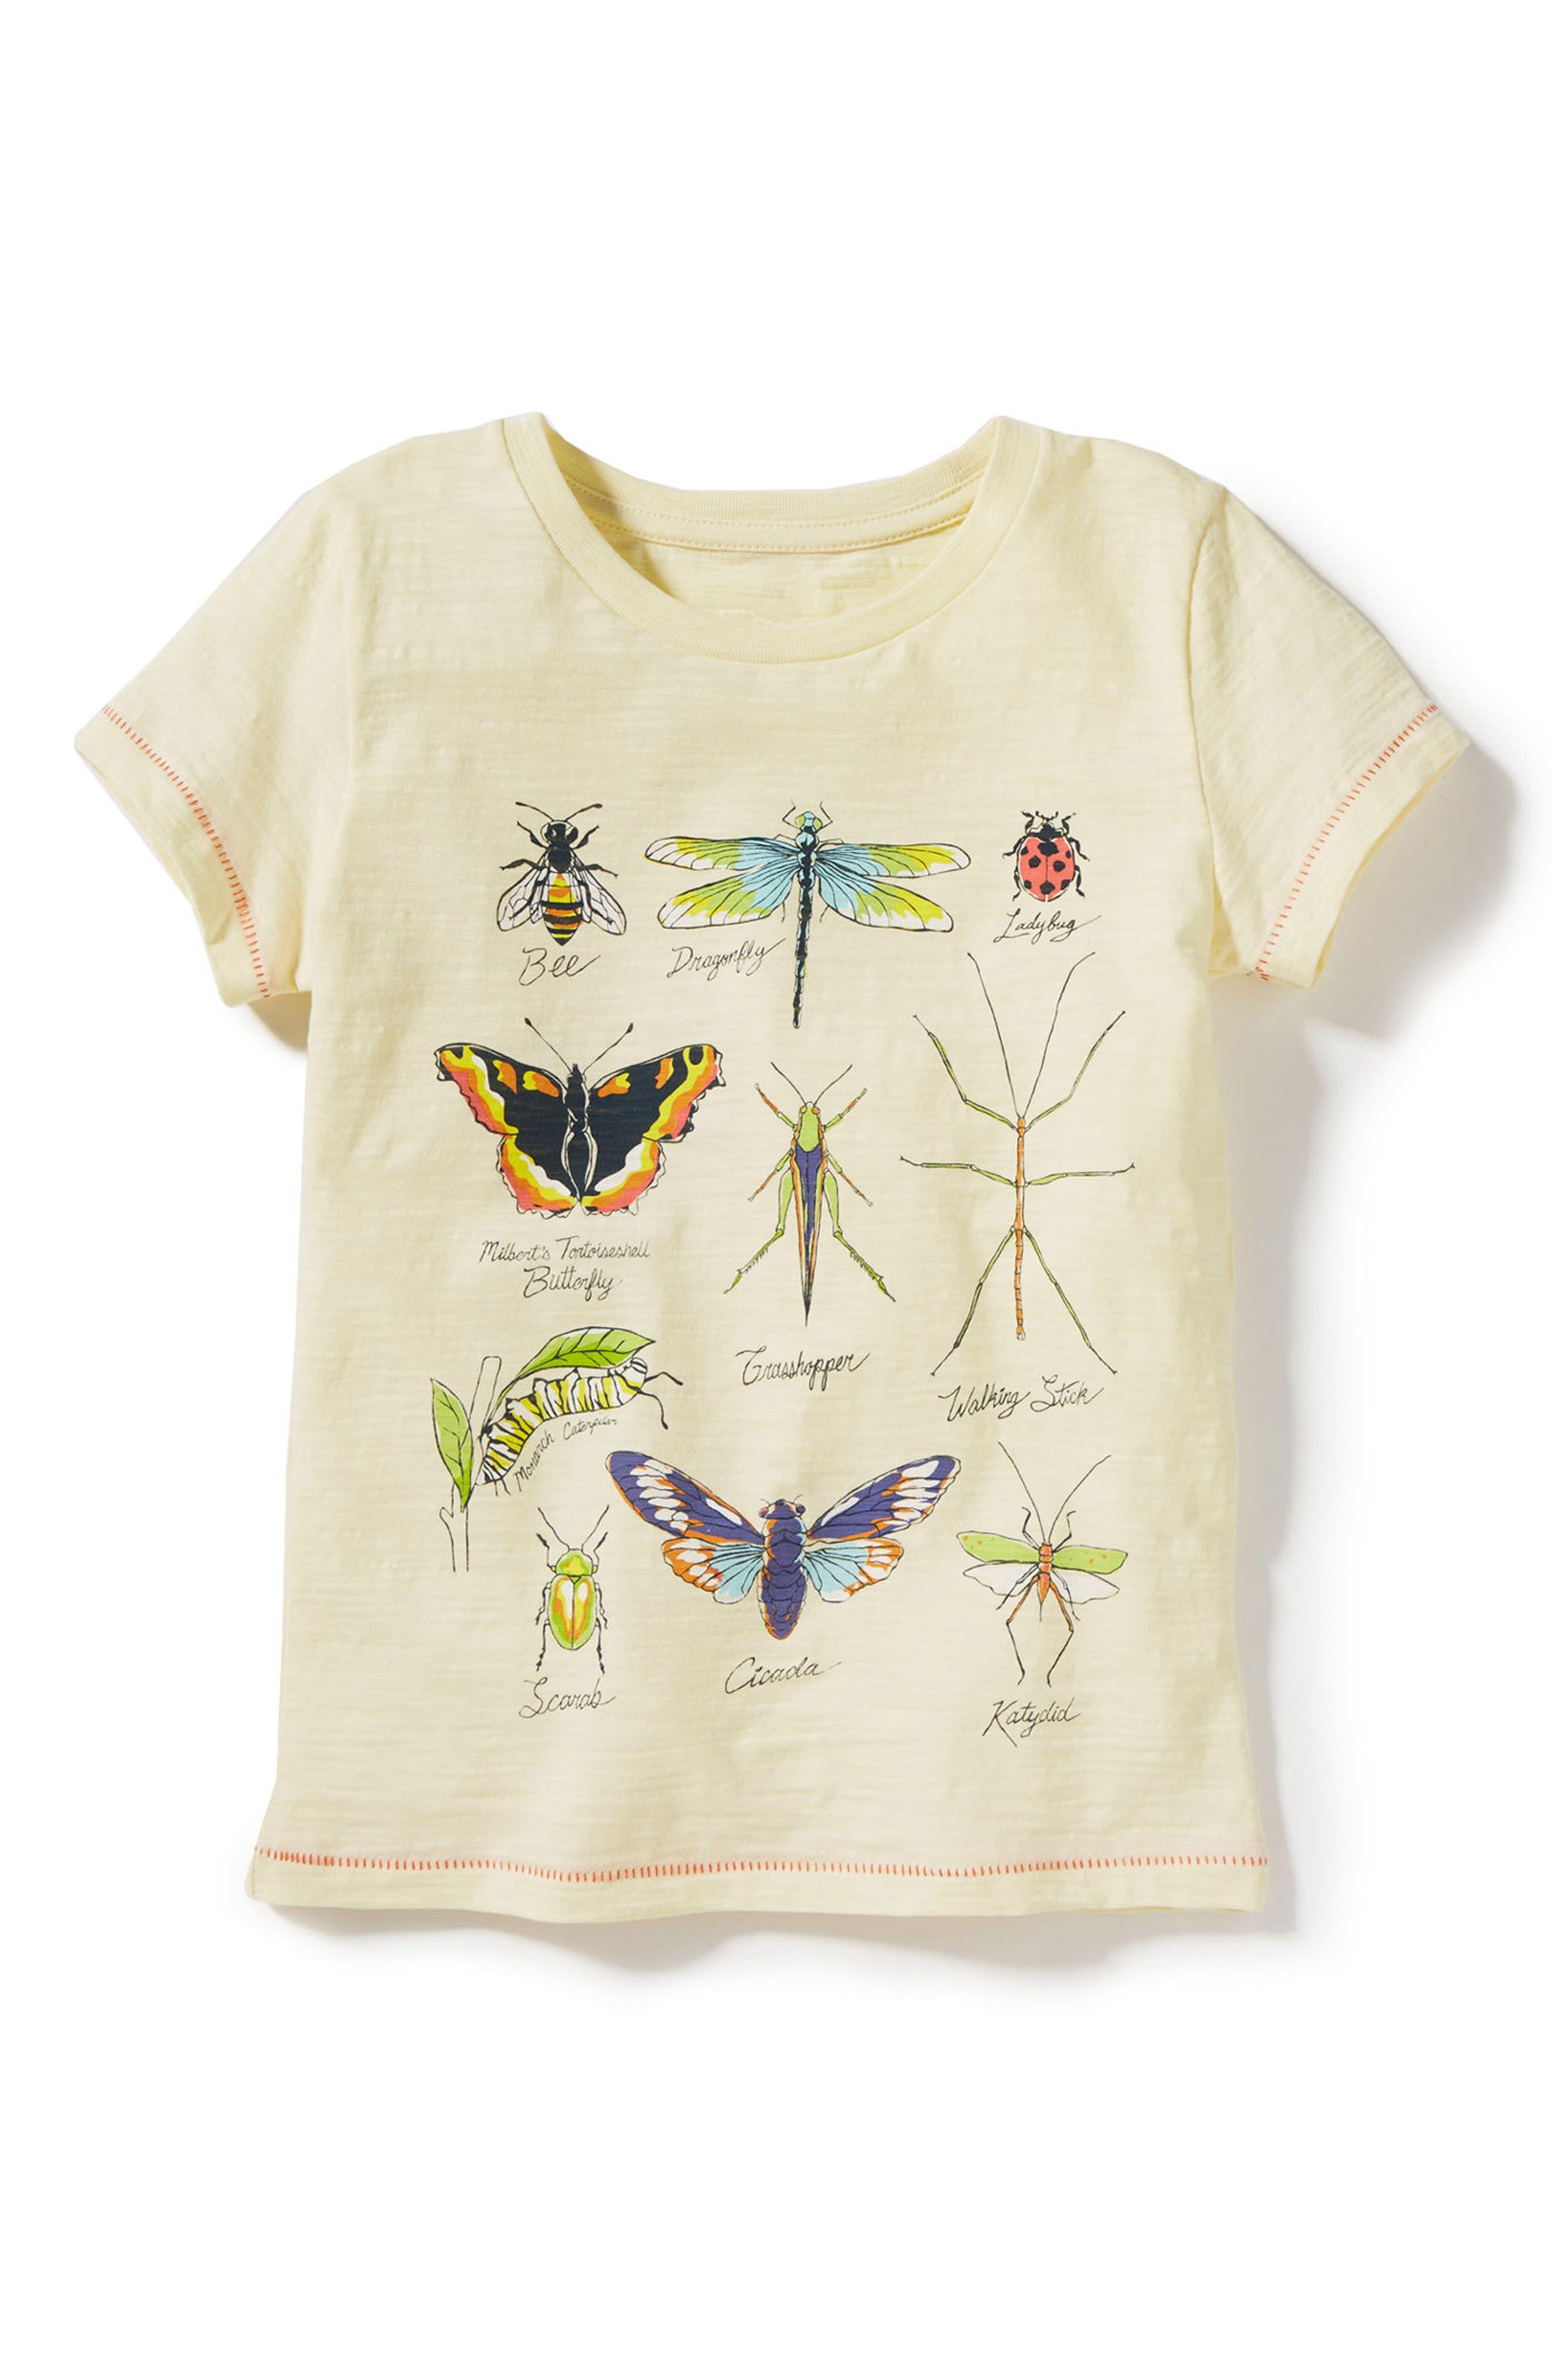 Main Image - Peek Bug Diagram Graphic Tee (Toddler Girls)